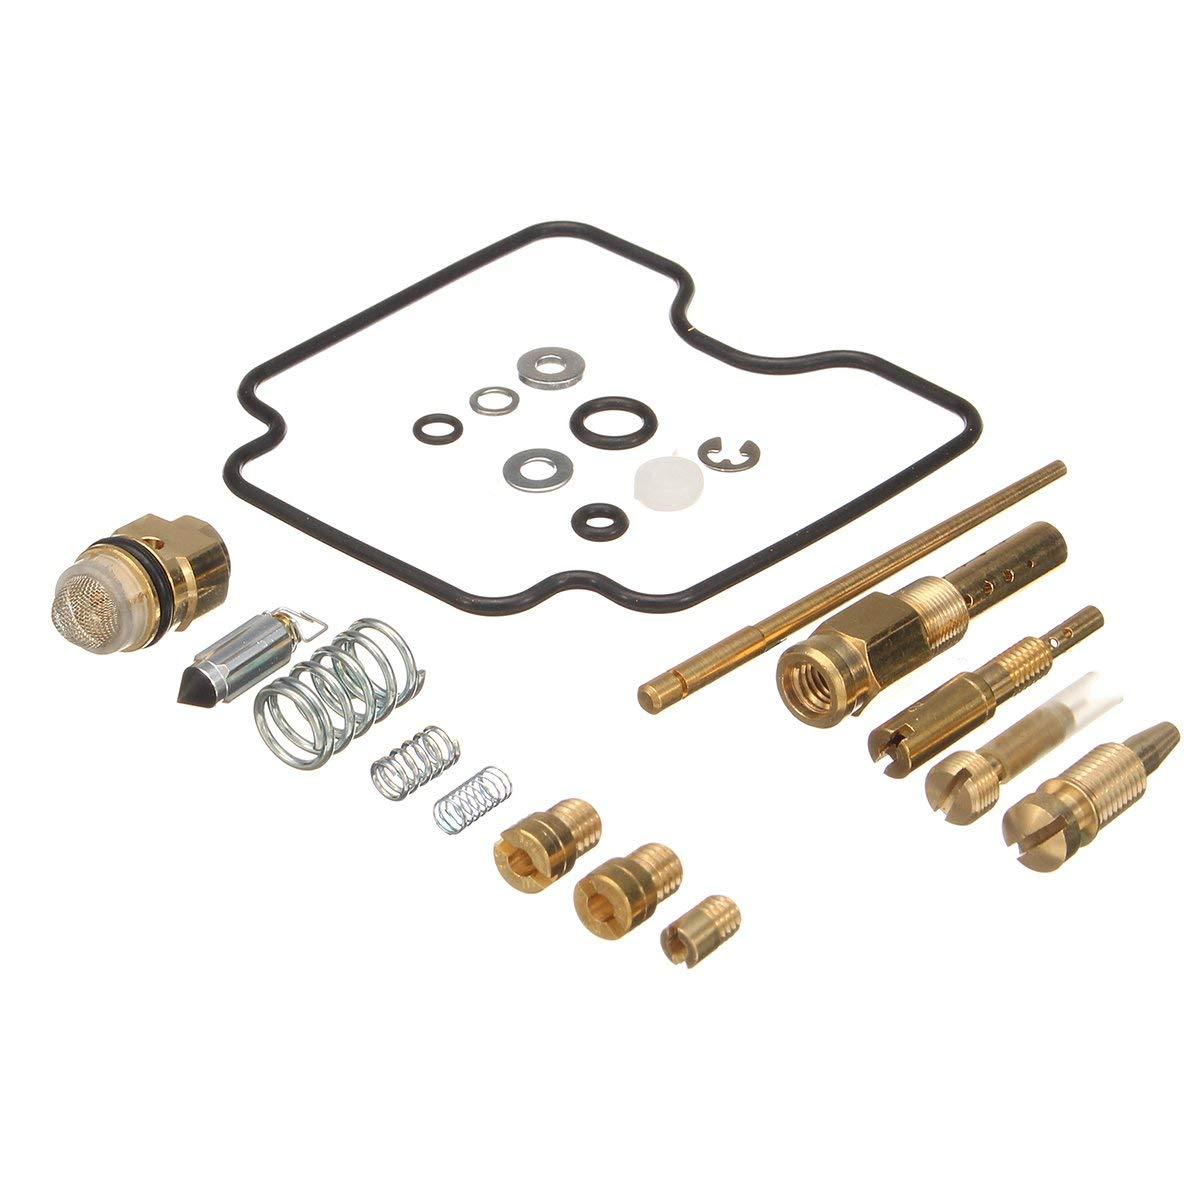 CoCocina Carburetor Carb Rebuild Kit Repair LTZ400 LT-Z400 For Suzuki Z400 2003-2008